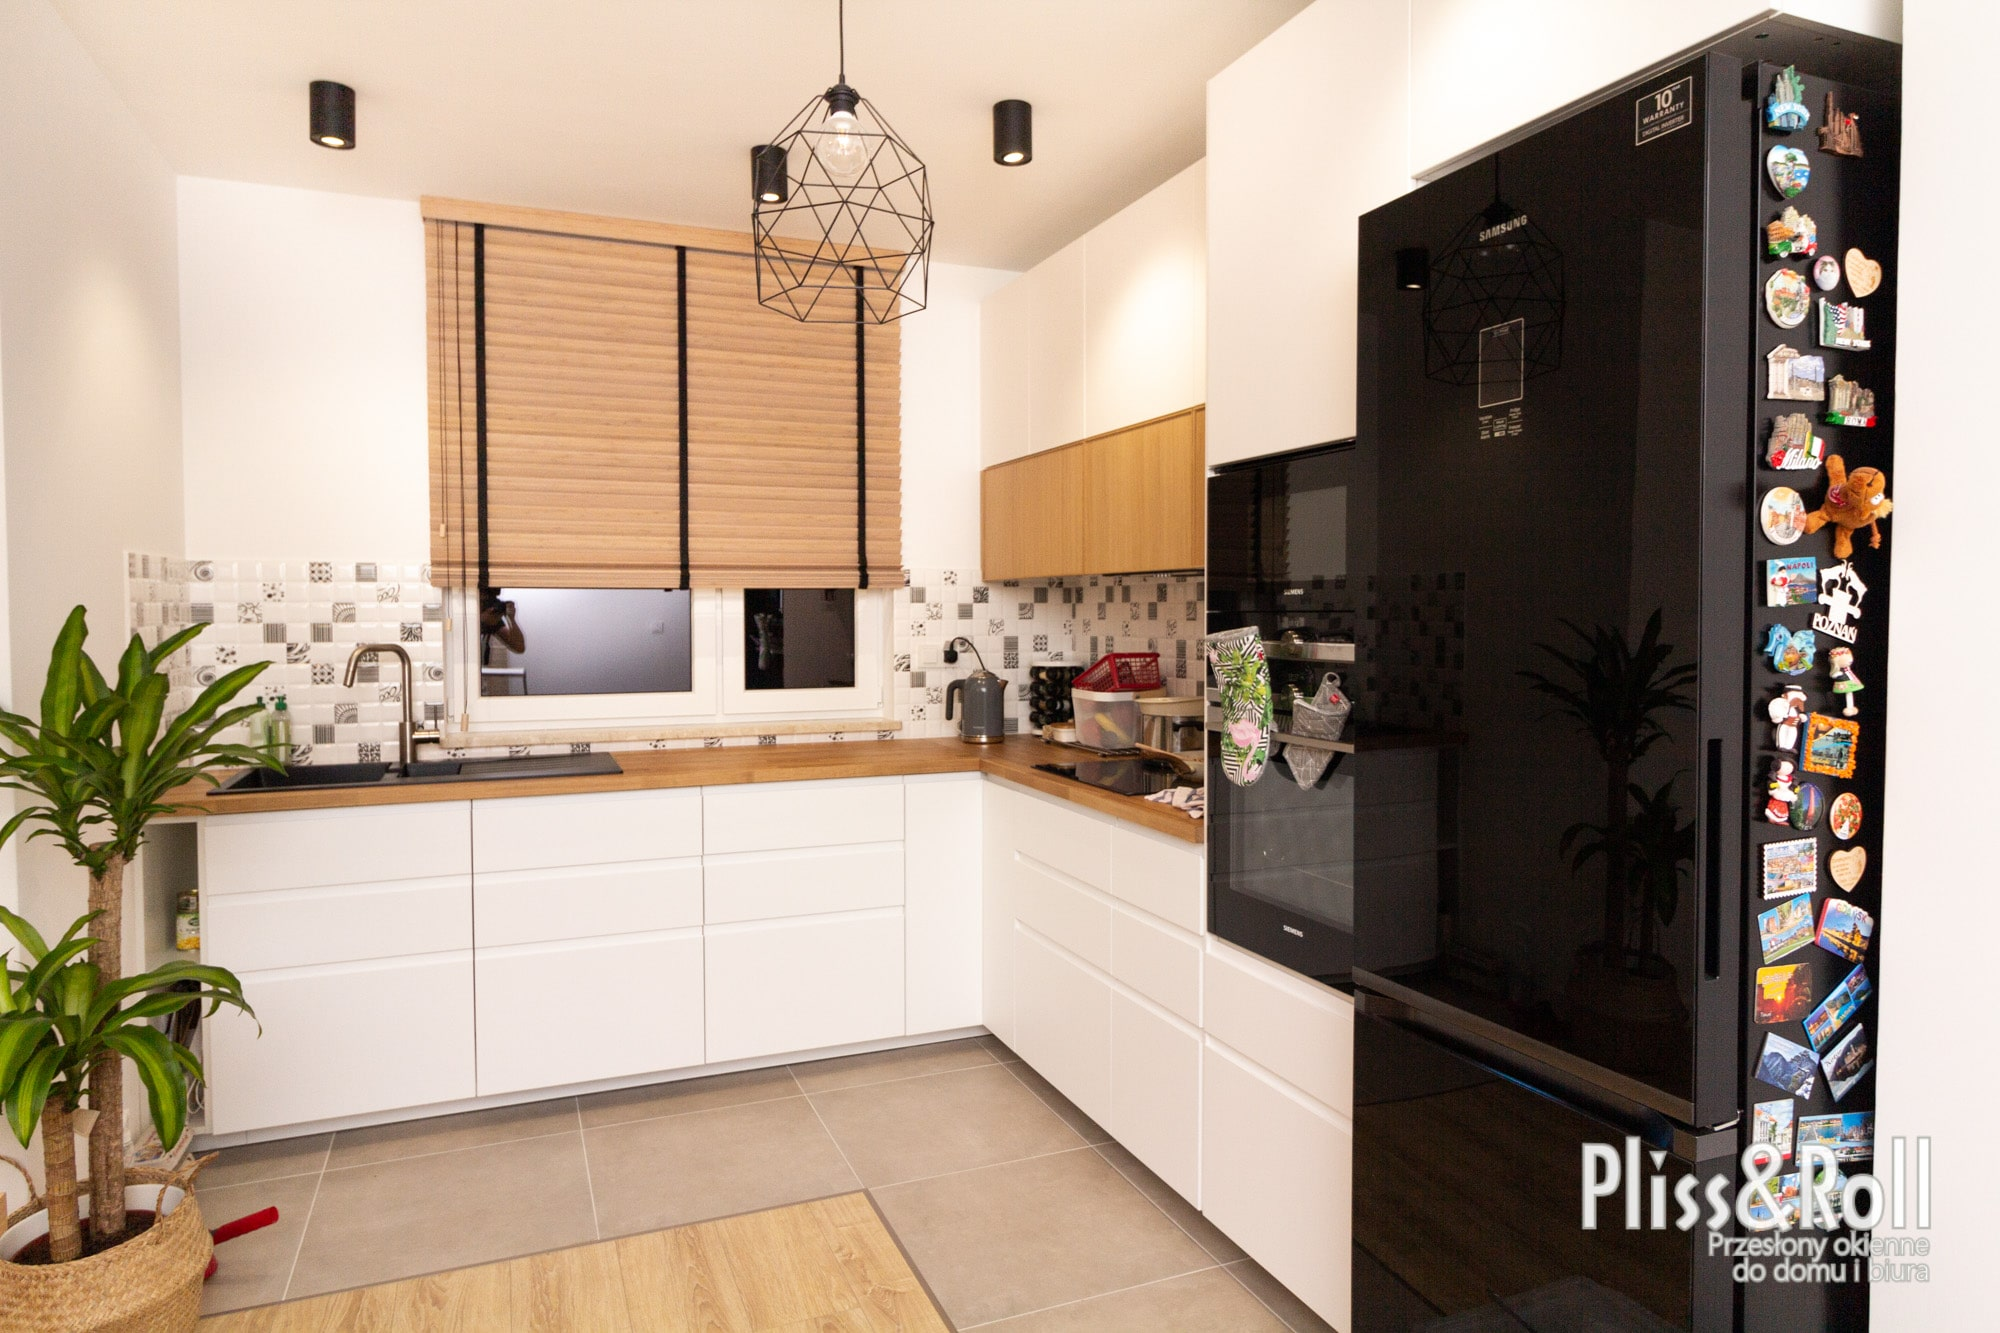 Żaluzje bambusowe 50mm na czarnych dekoracyjnych taśmach w kuchni